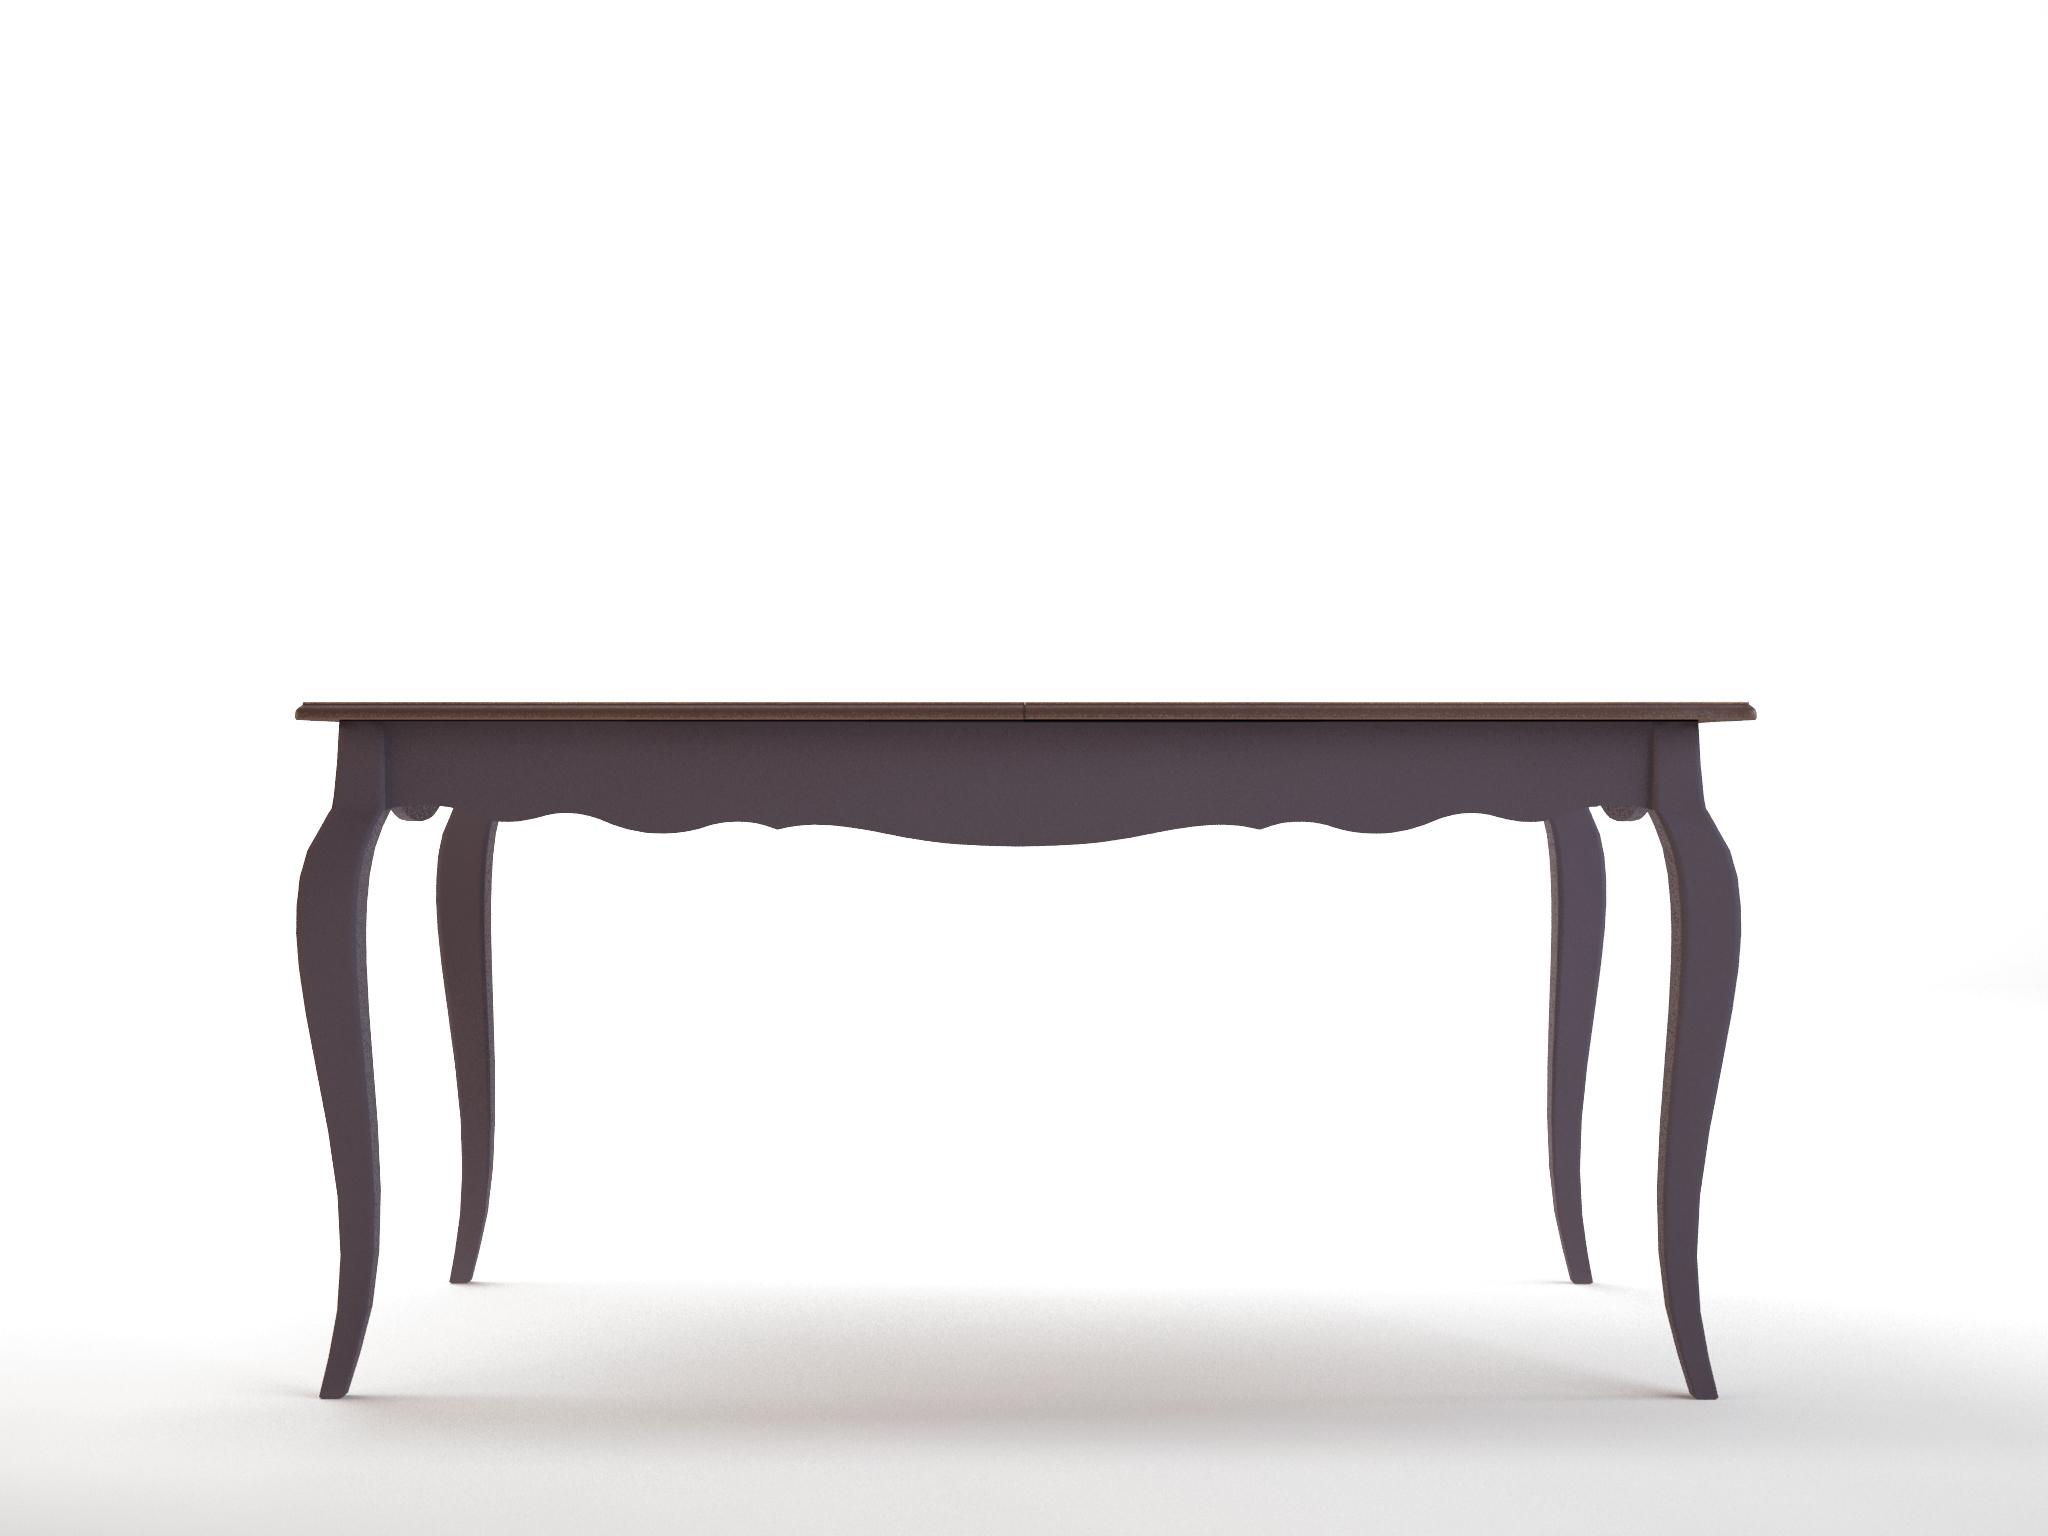 Обеденный стол Leontina lavandaОбеденные столы<br>МатериалМассив березы,массив ясеня<br><br>Material: Береза<br>Ширина см: 160<br>Высота см: 77<br>Глубина см: 90